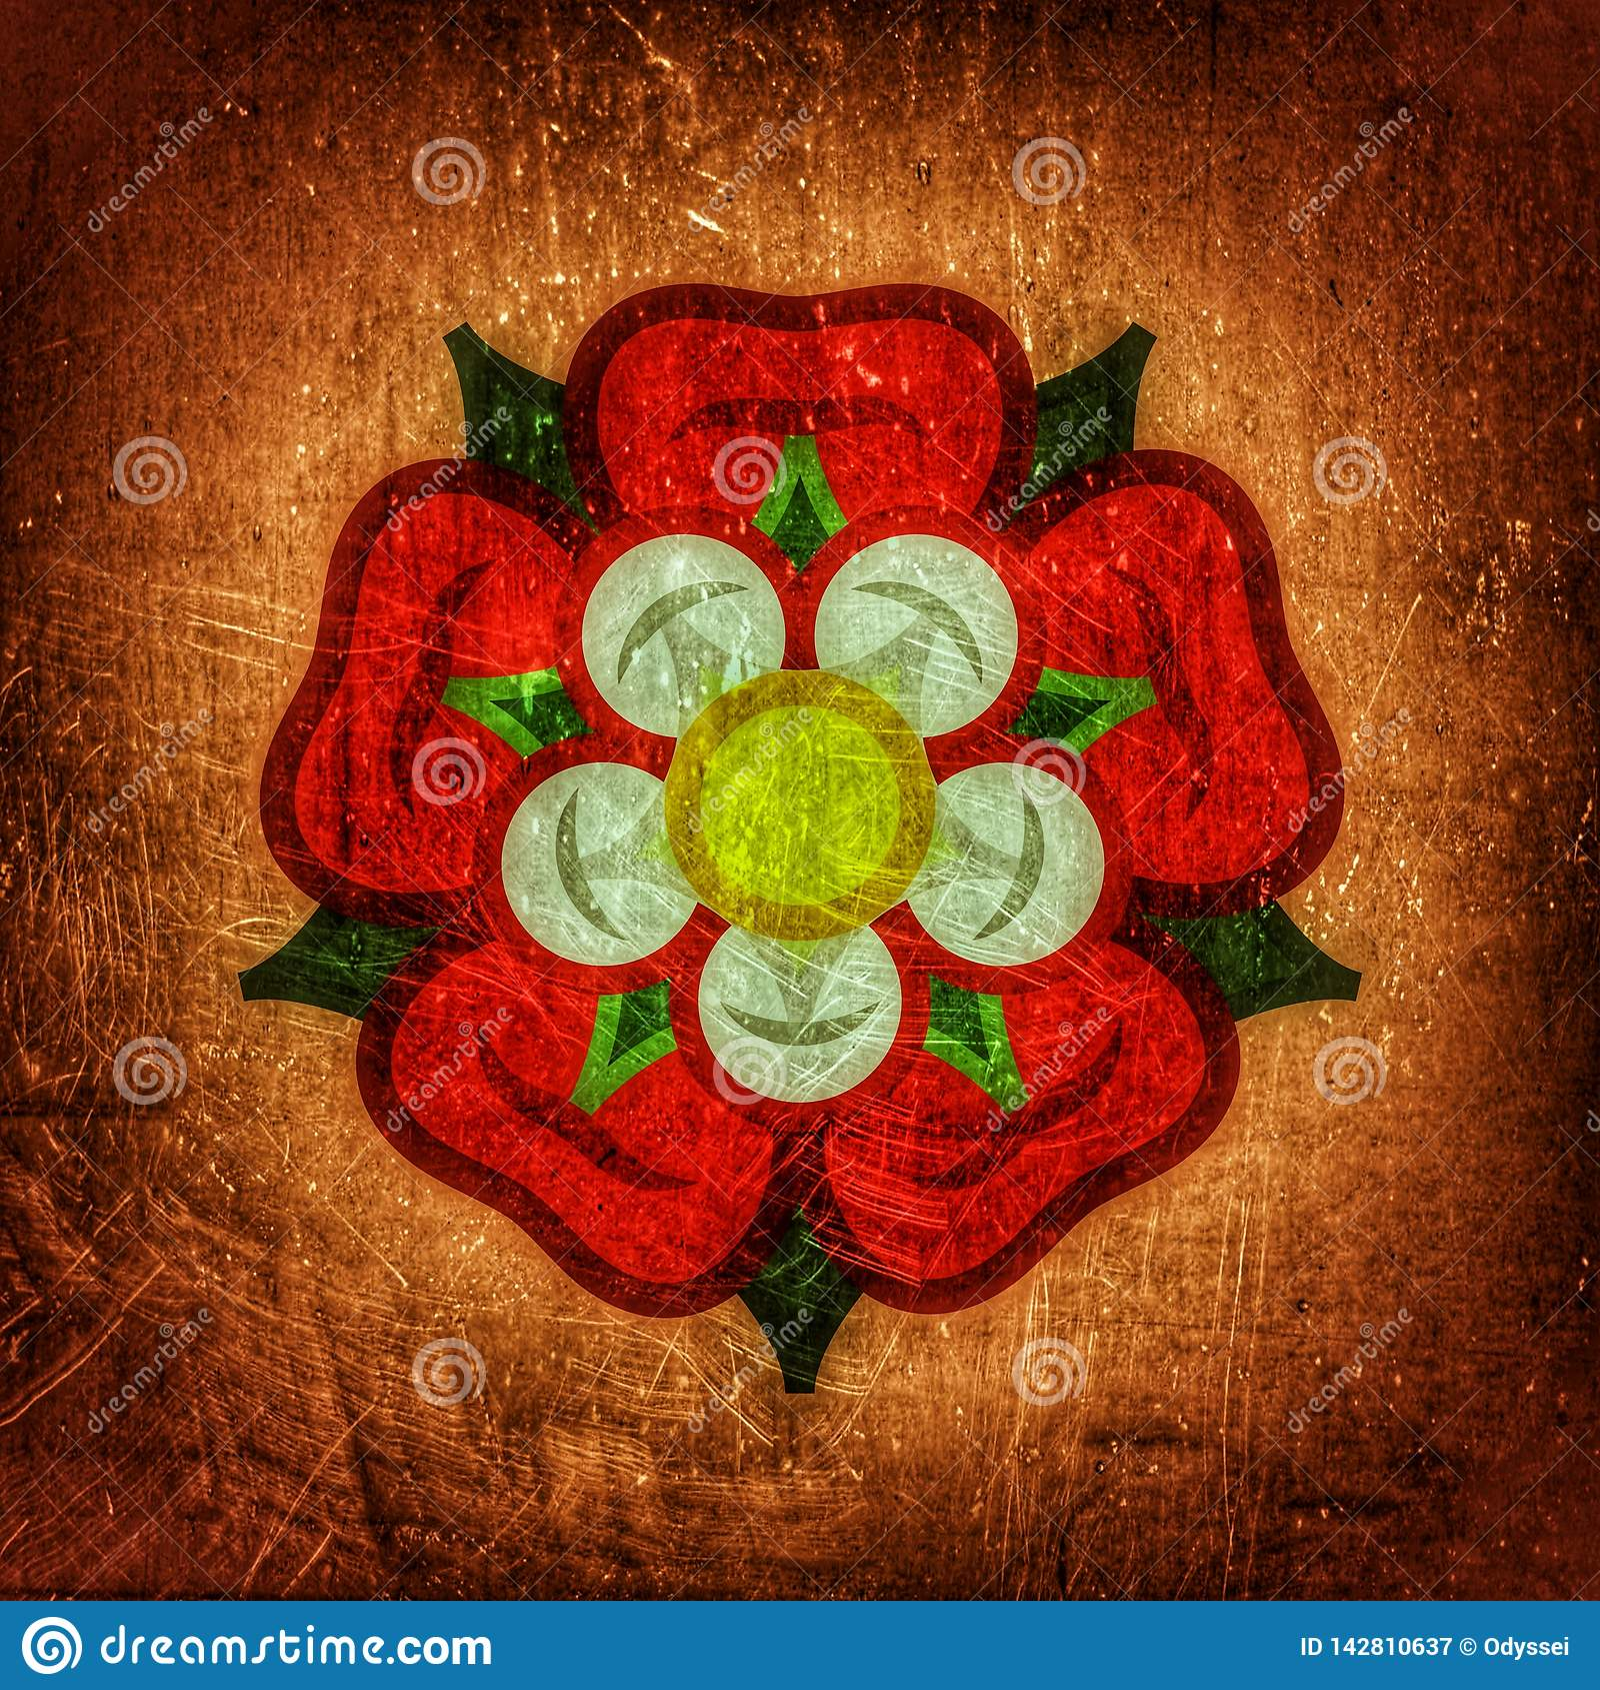 Rose ( Reina de flowers): emblema del amor, de la belleza y de la perfección